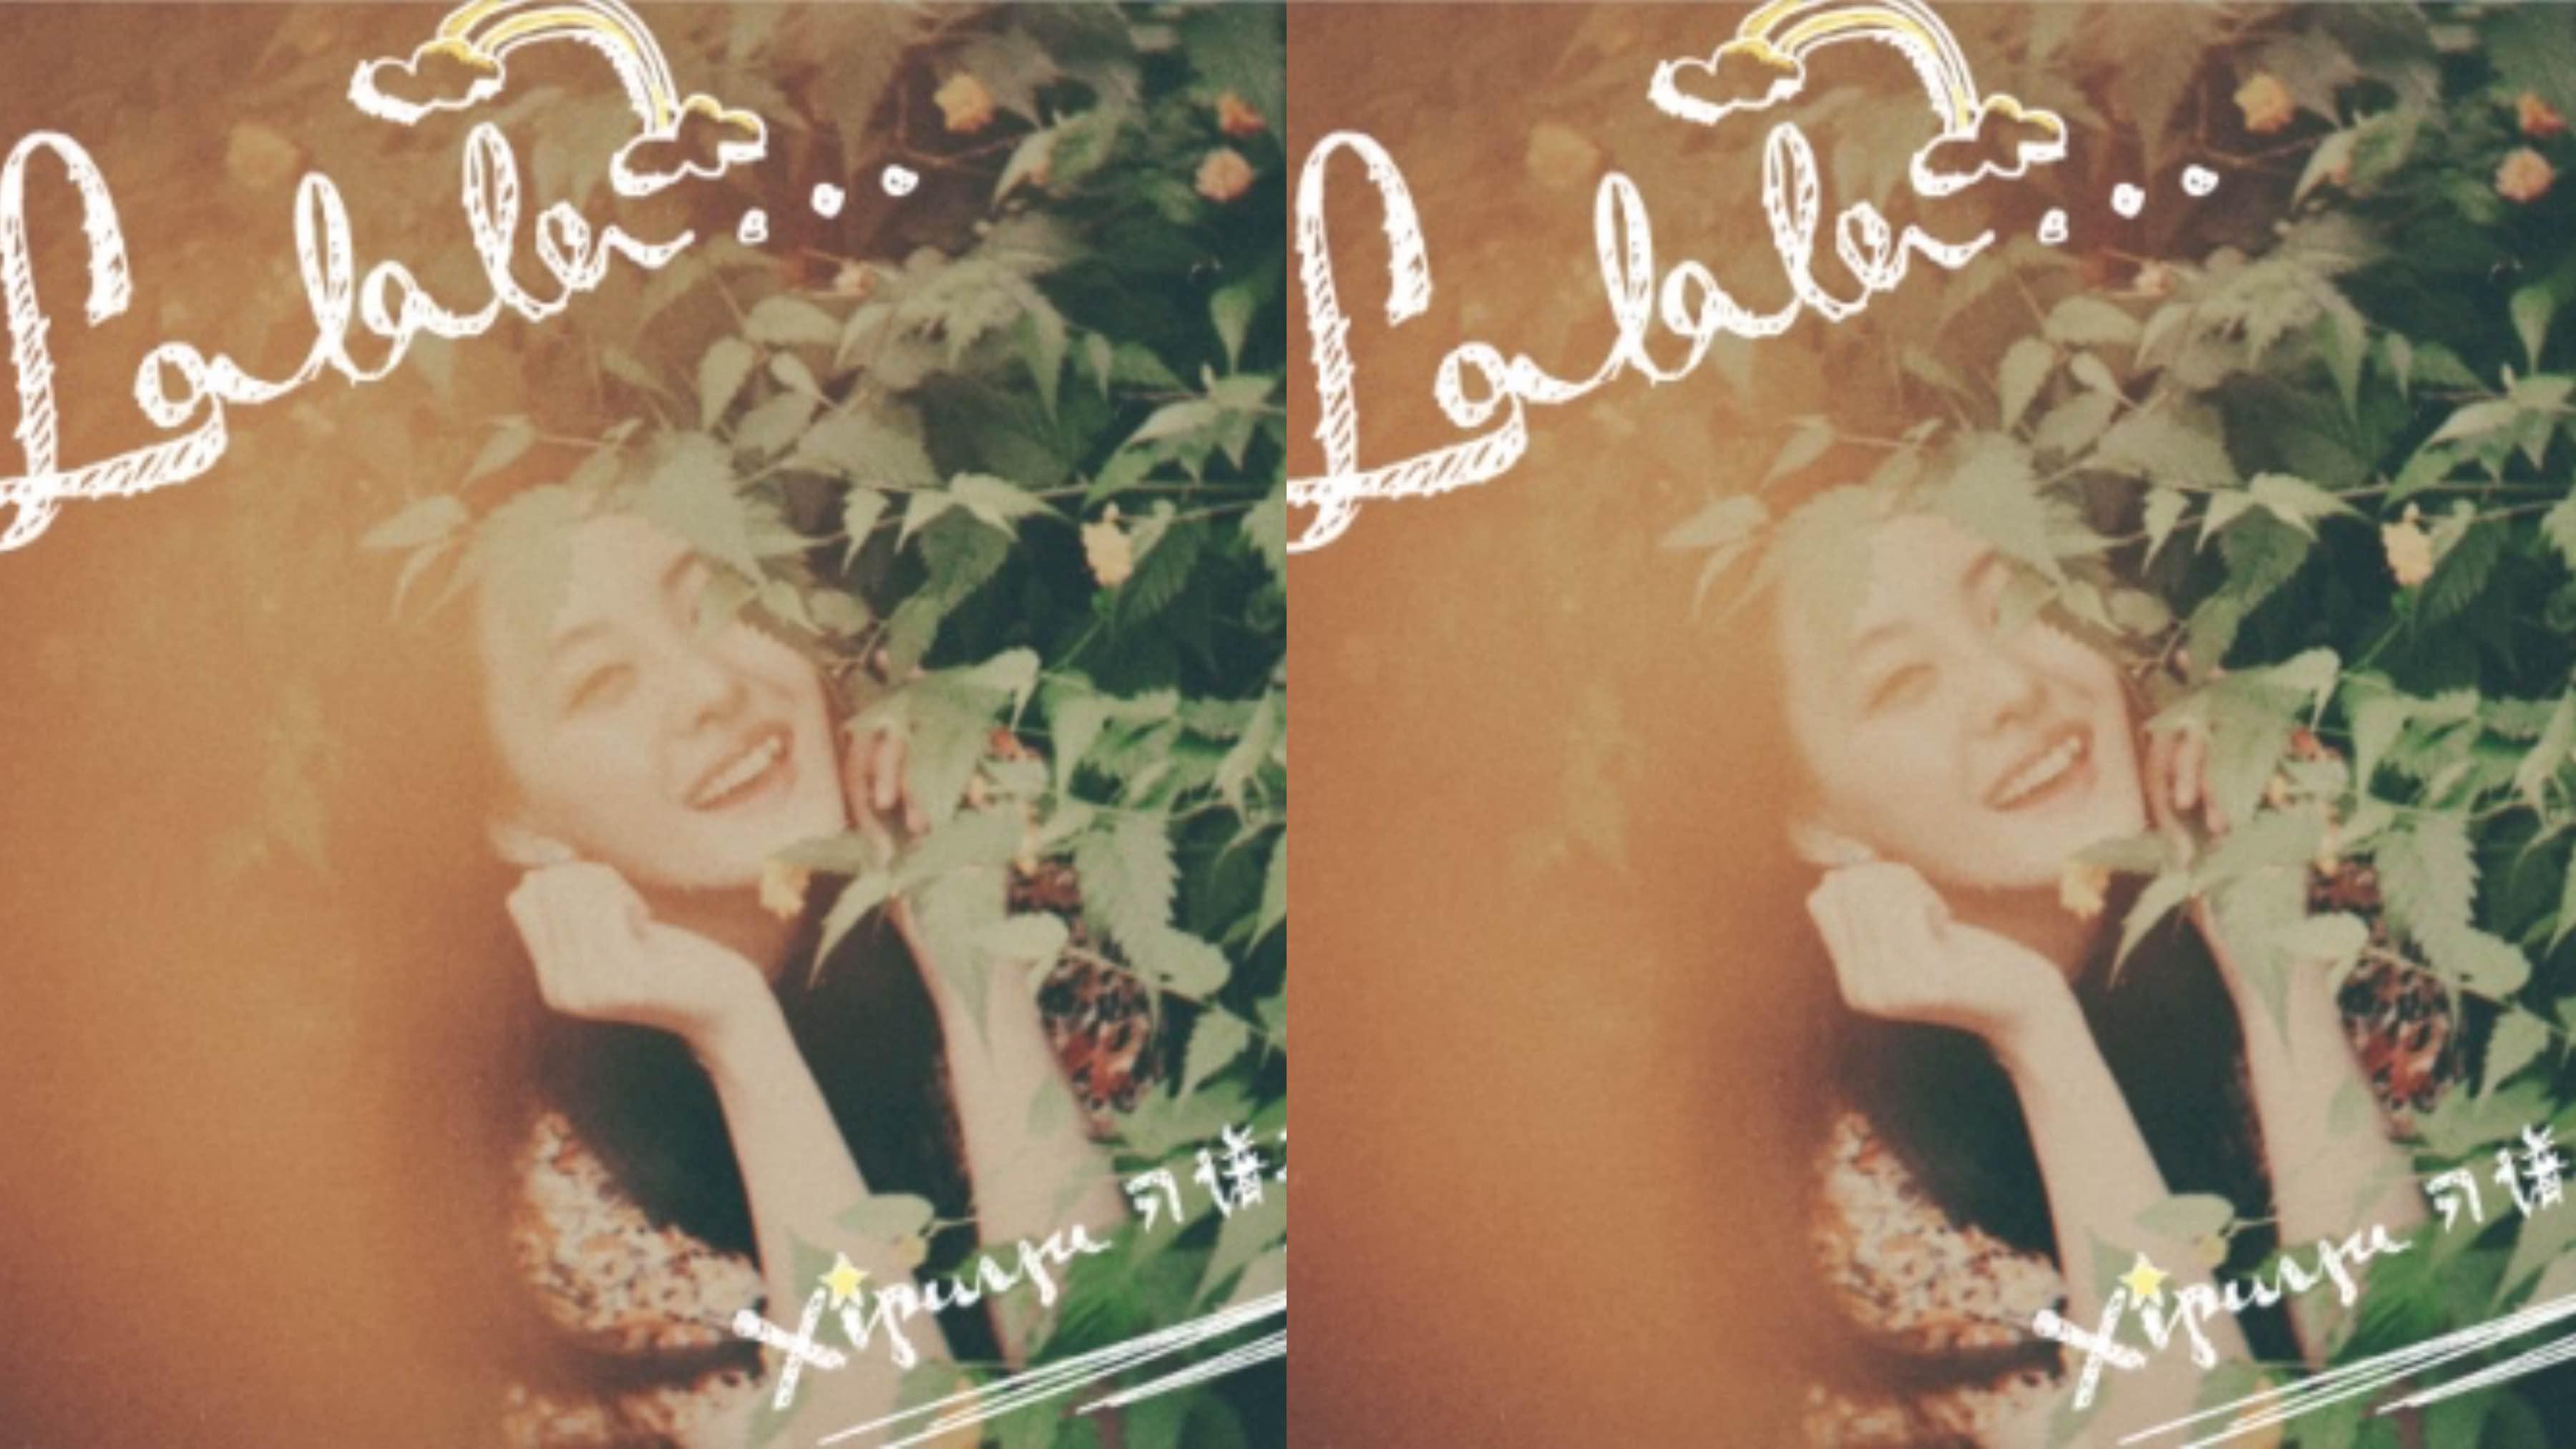 习谱予新歌《La La La》 清甜基调诠释肆意人生态度